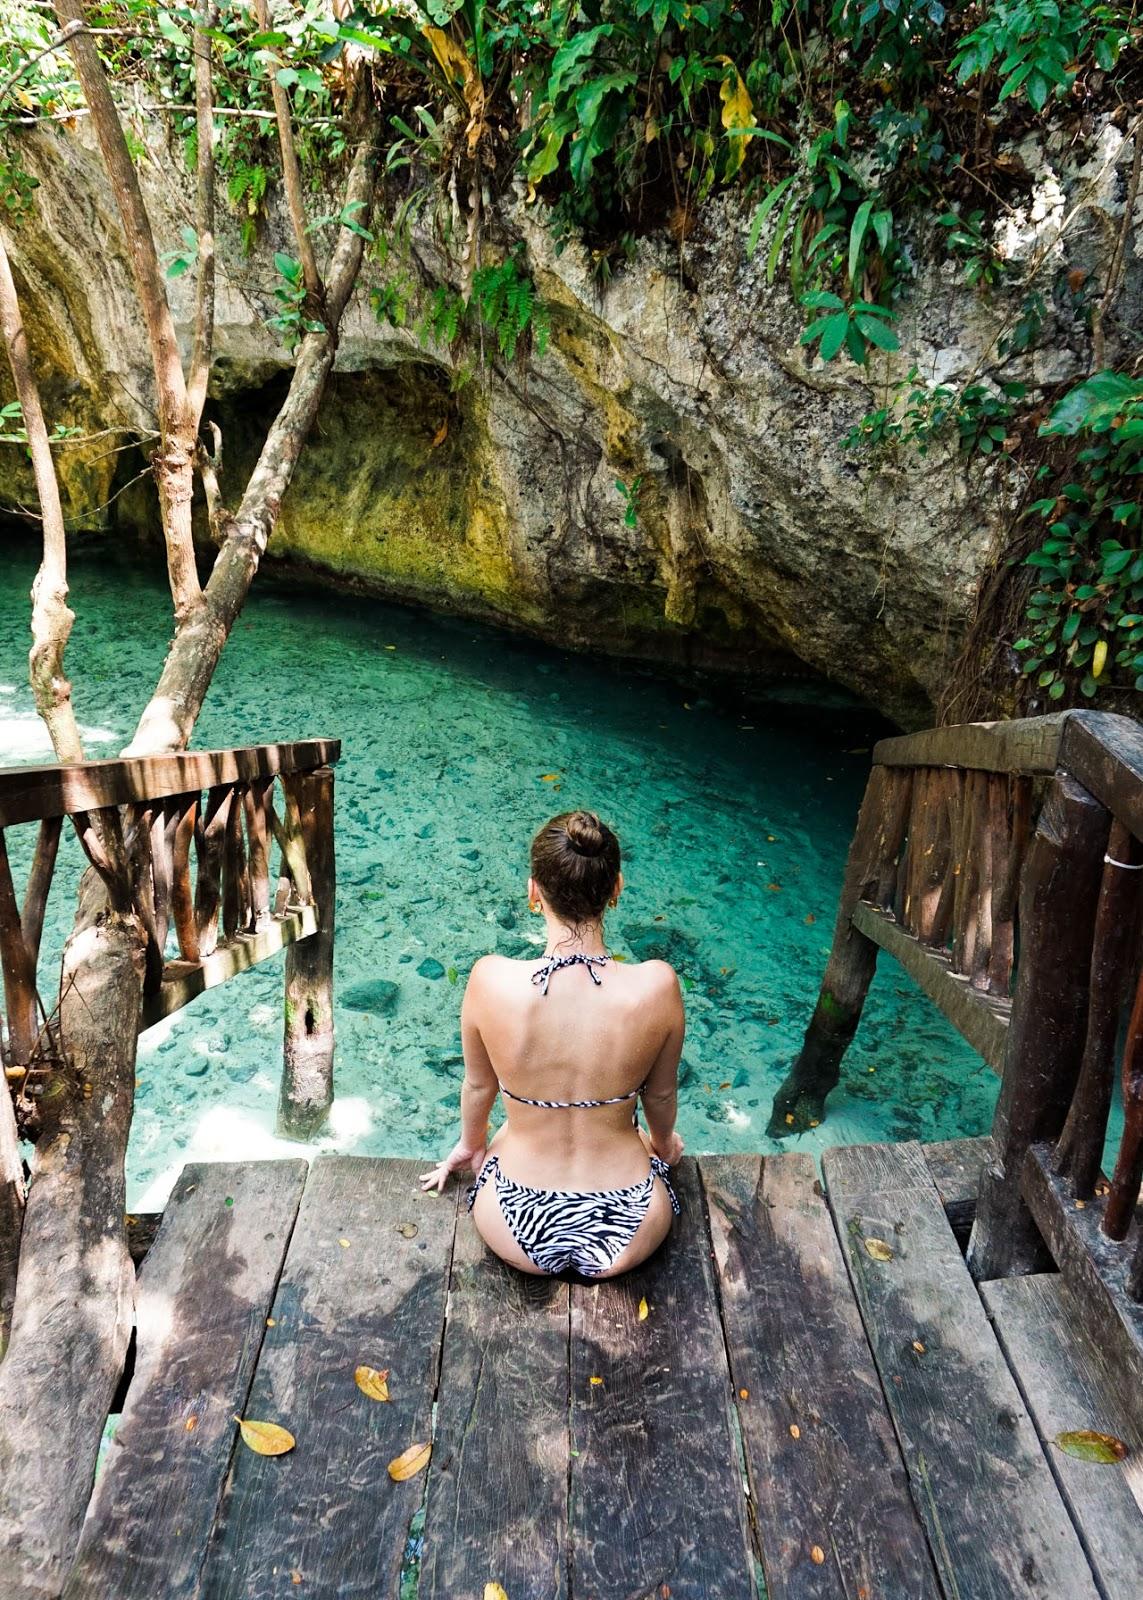 El Gran Cenote - Mexico - Tulum - Living Abroad - Bikini Beach Life - Travel